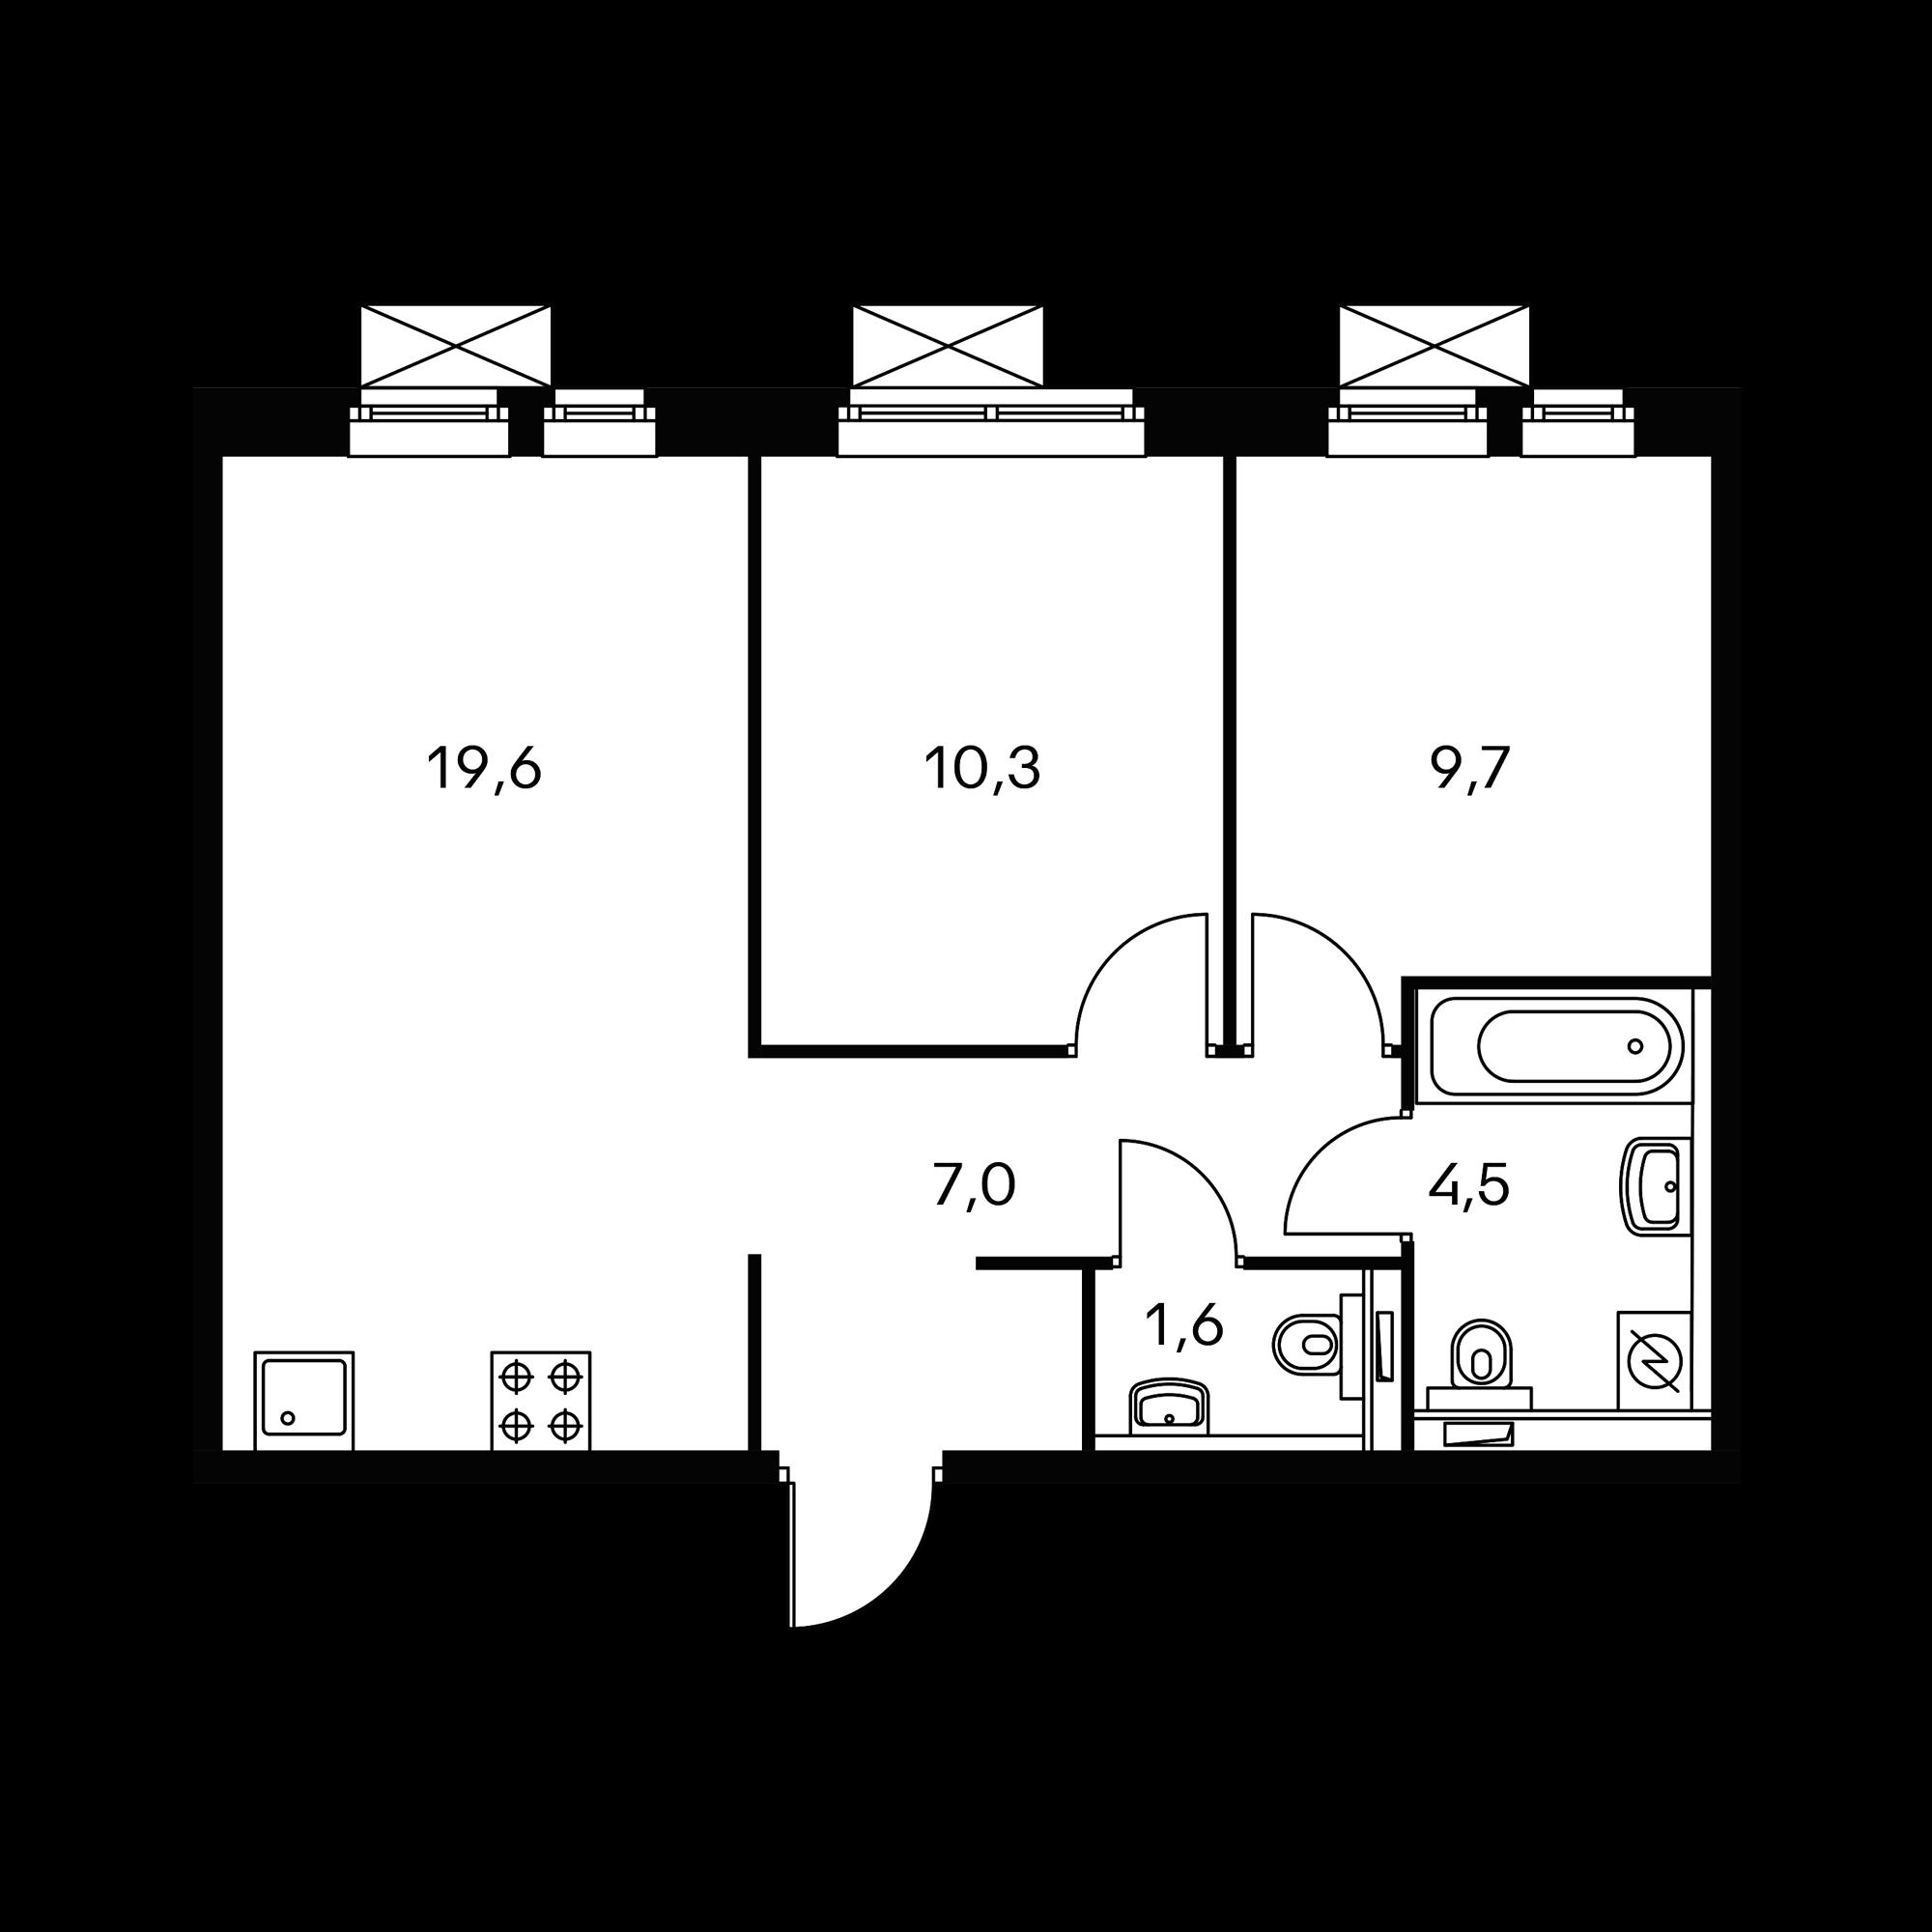 2ES9_9.3-1_S_A